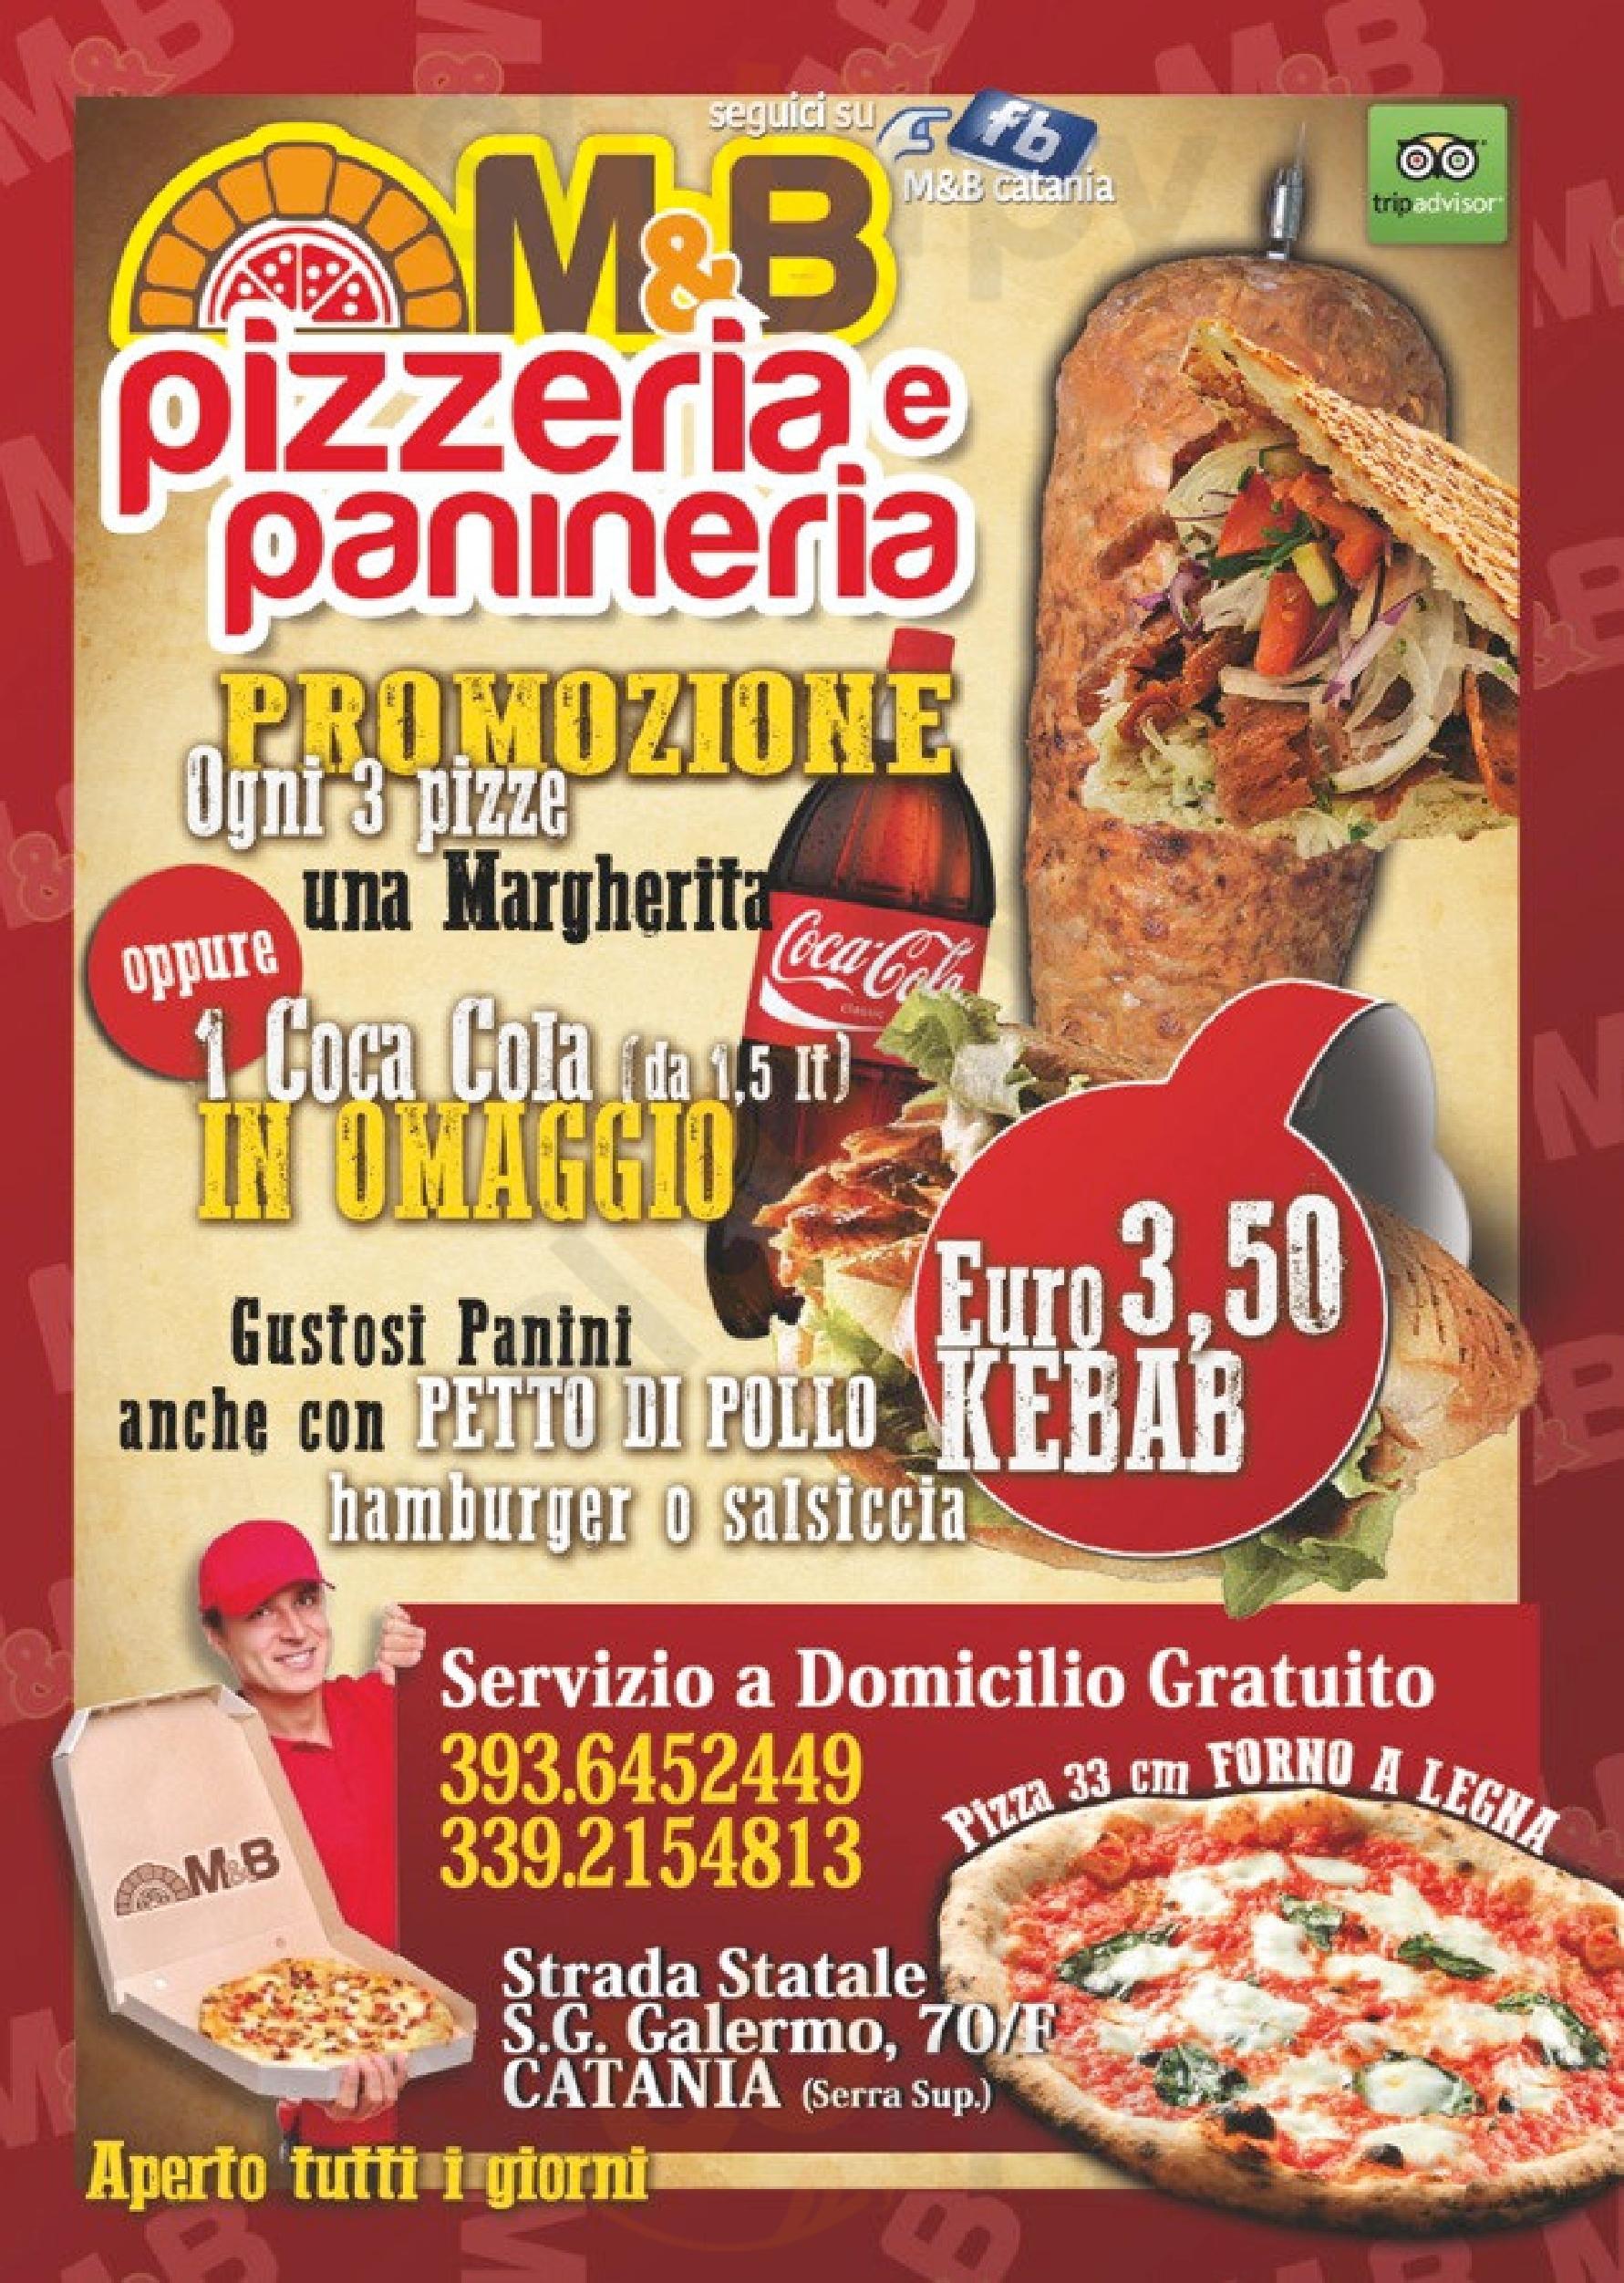 M&B Pizzeria Panineria